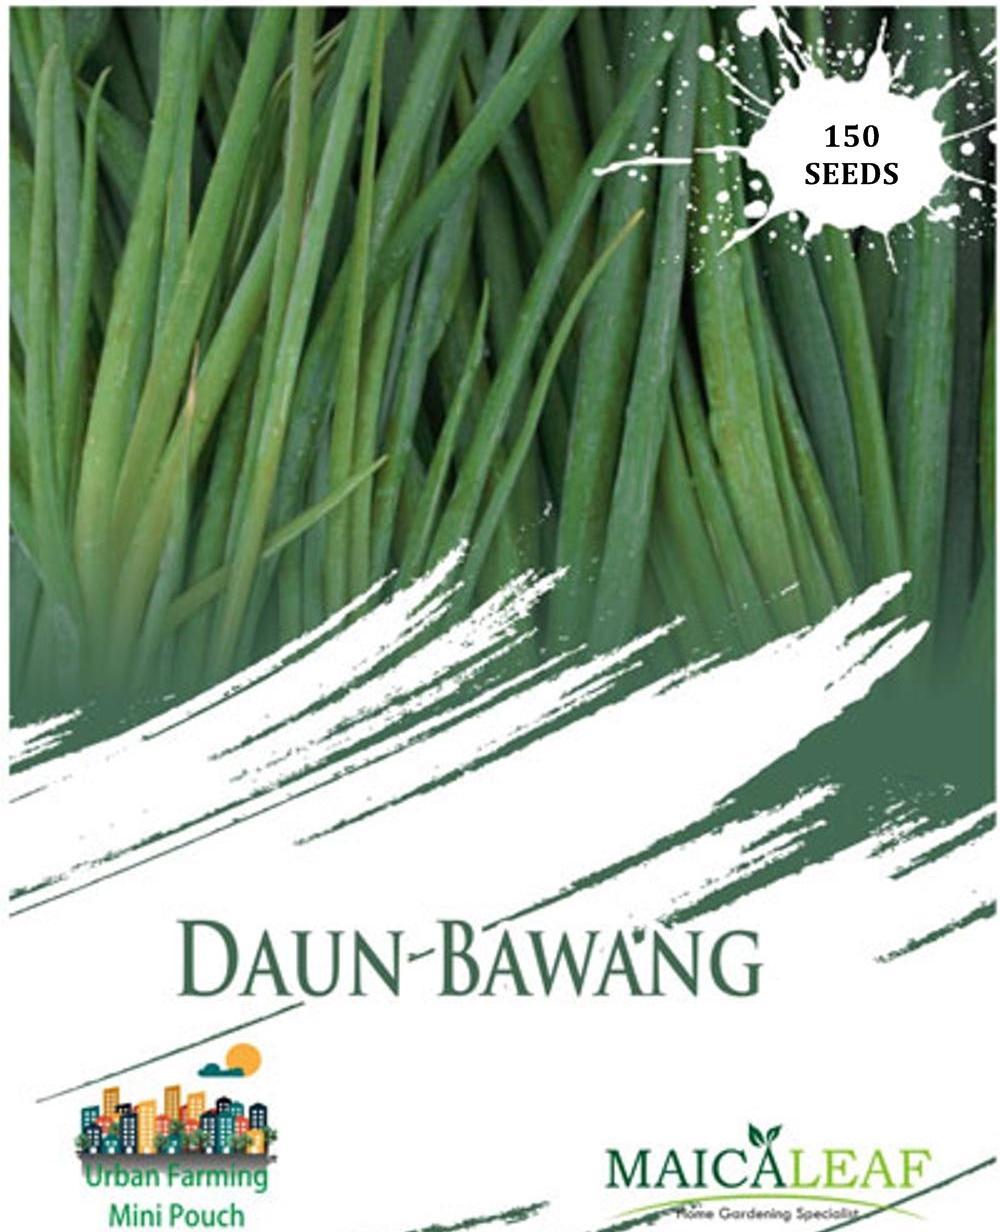 Maica Leaf Benih/Bibit Tanaman Daun Bawang - 150 Butir